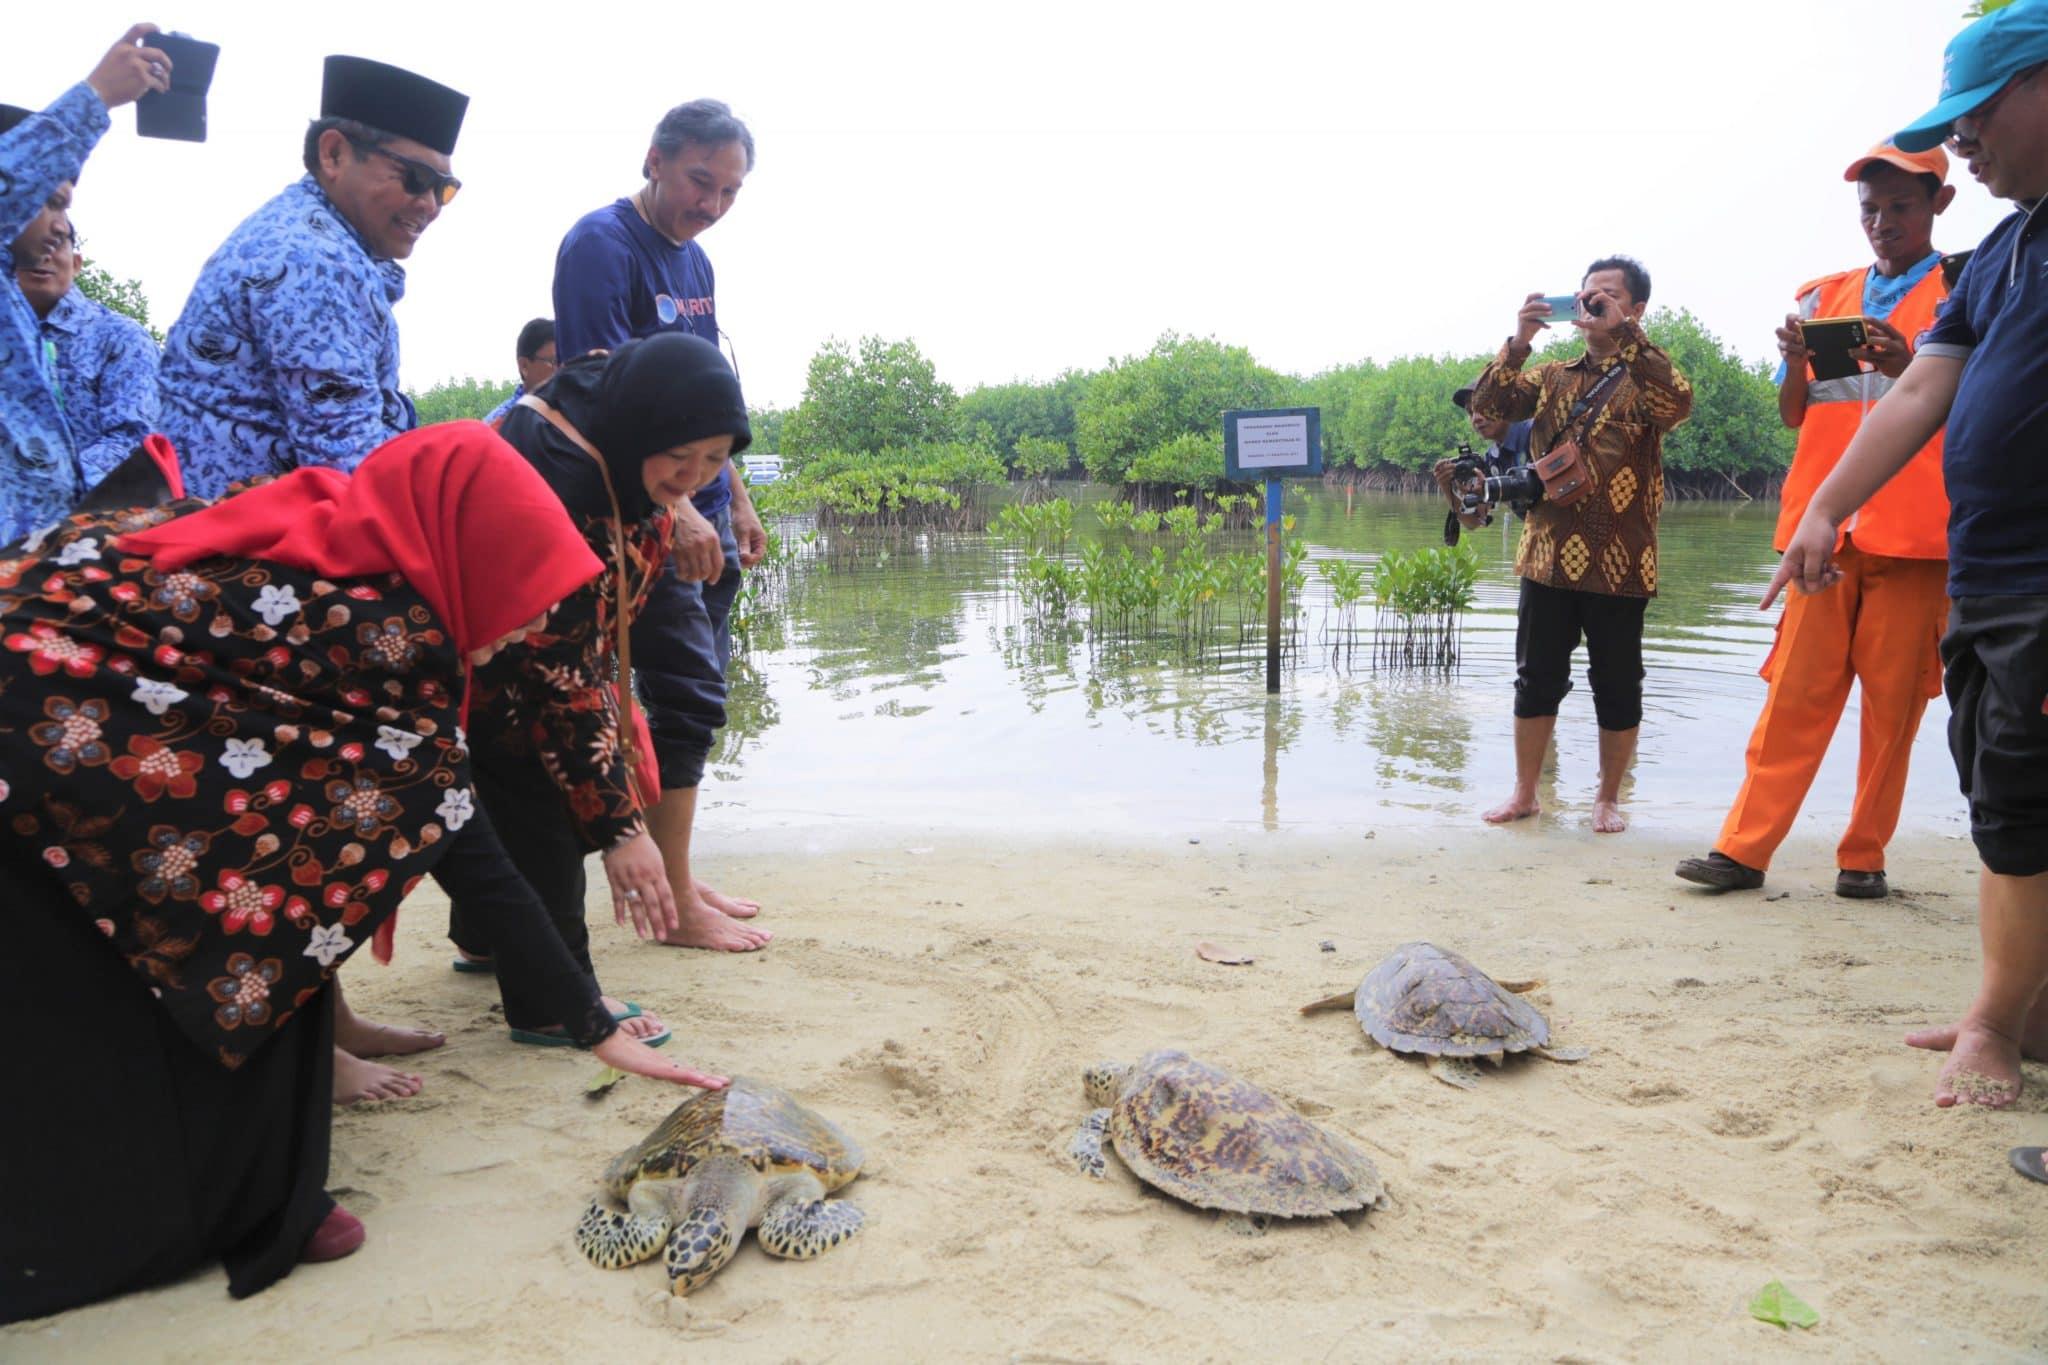 Usai Upacara HUT RI Ke-72, Deputi Kemenko Maritim Tabur Bunga hingga Pelepasan Penyu di Sekitar P. Seribu